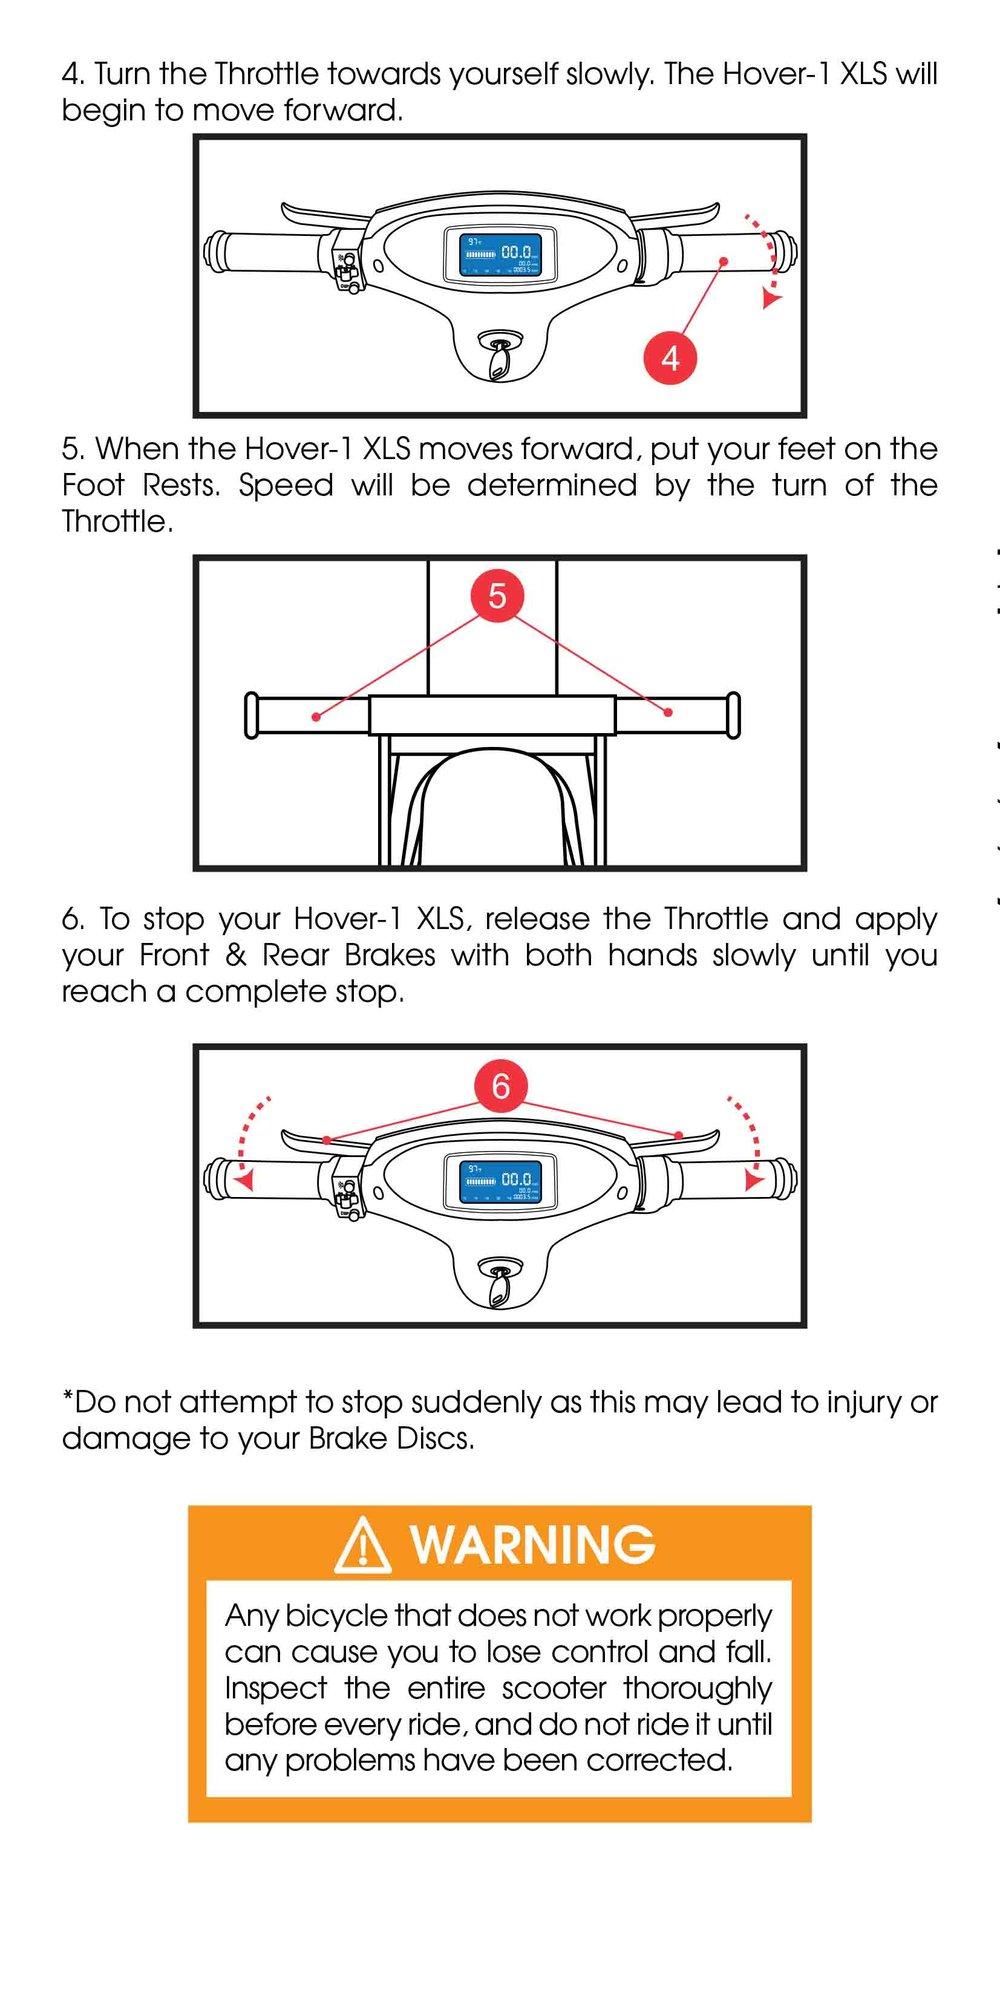 HY-HBKE-Manual-09132016 27.jpg